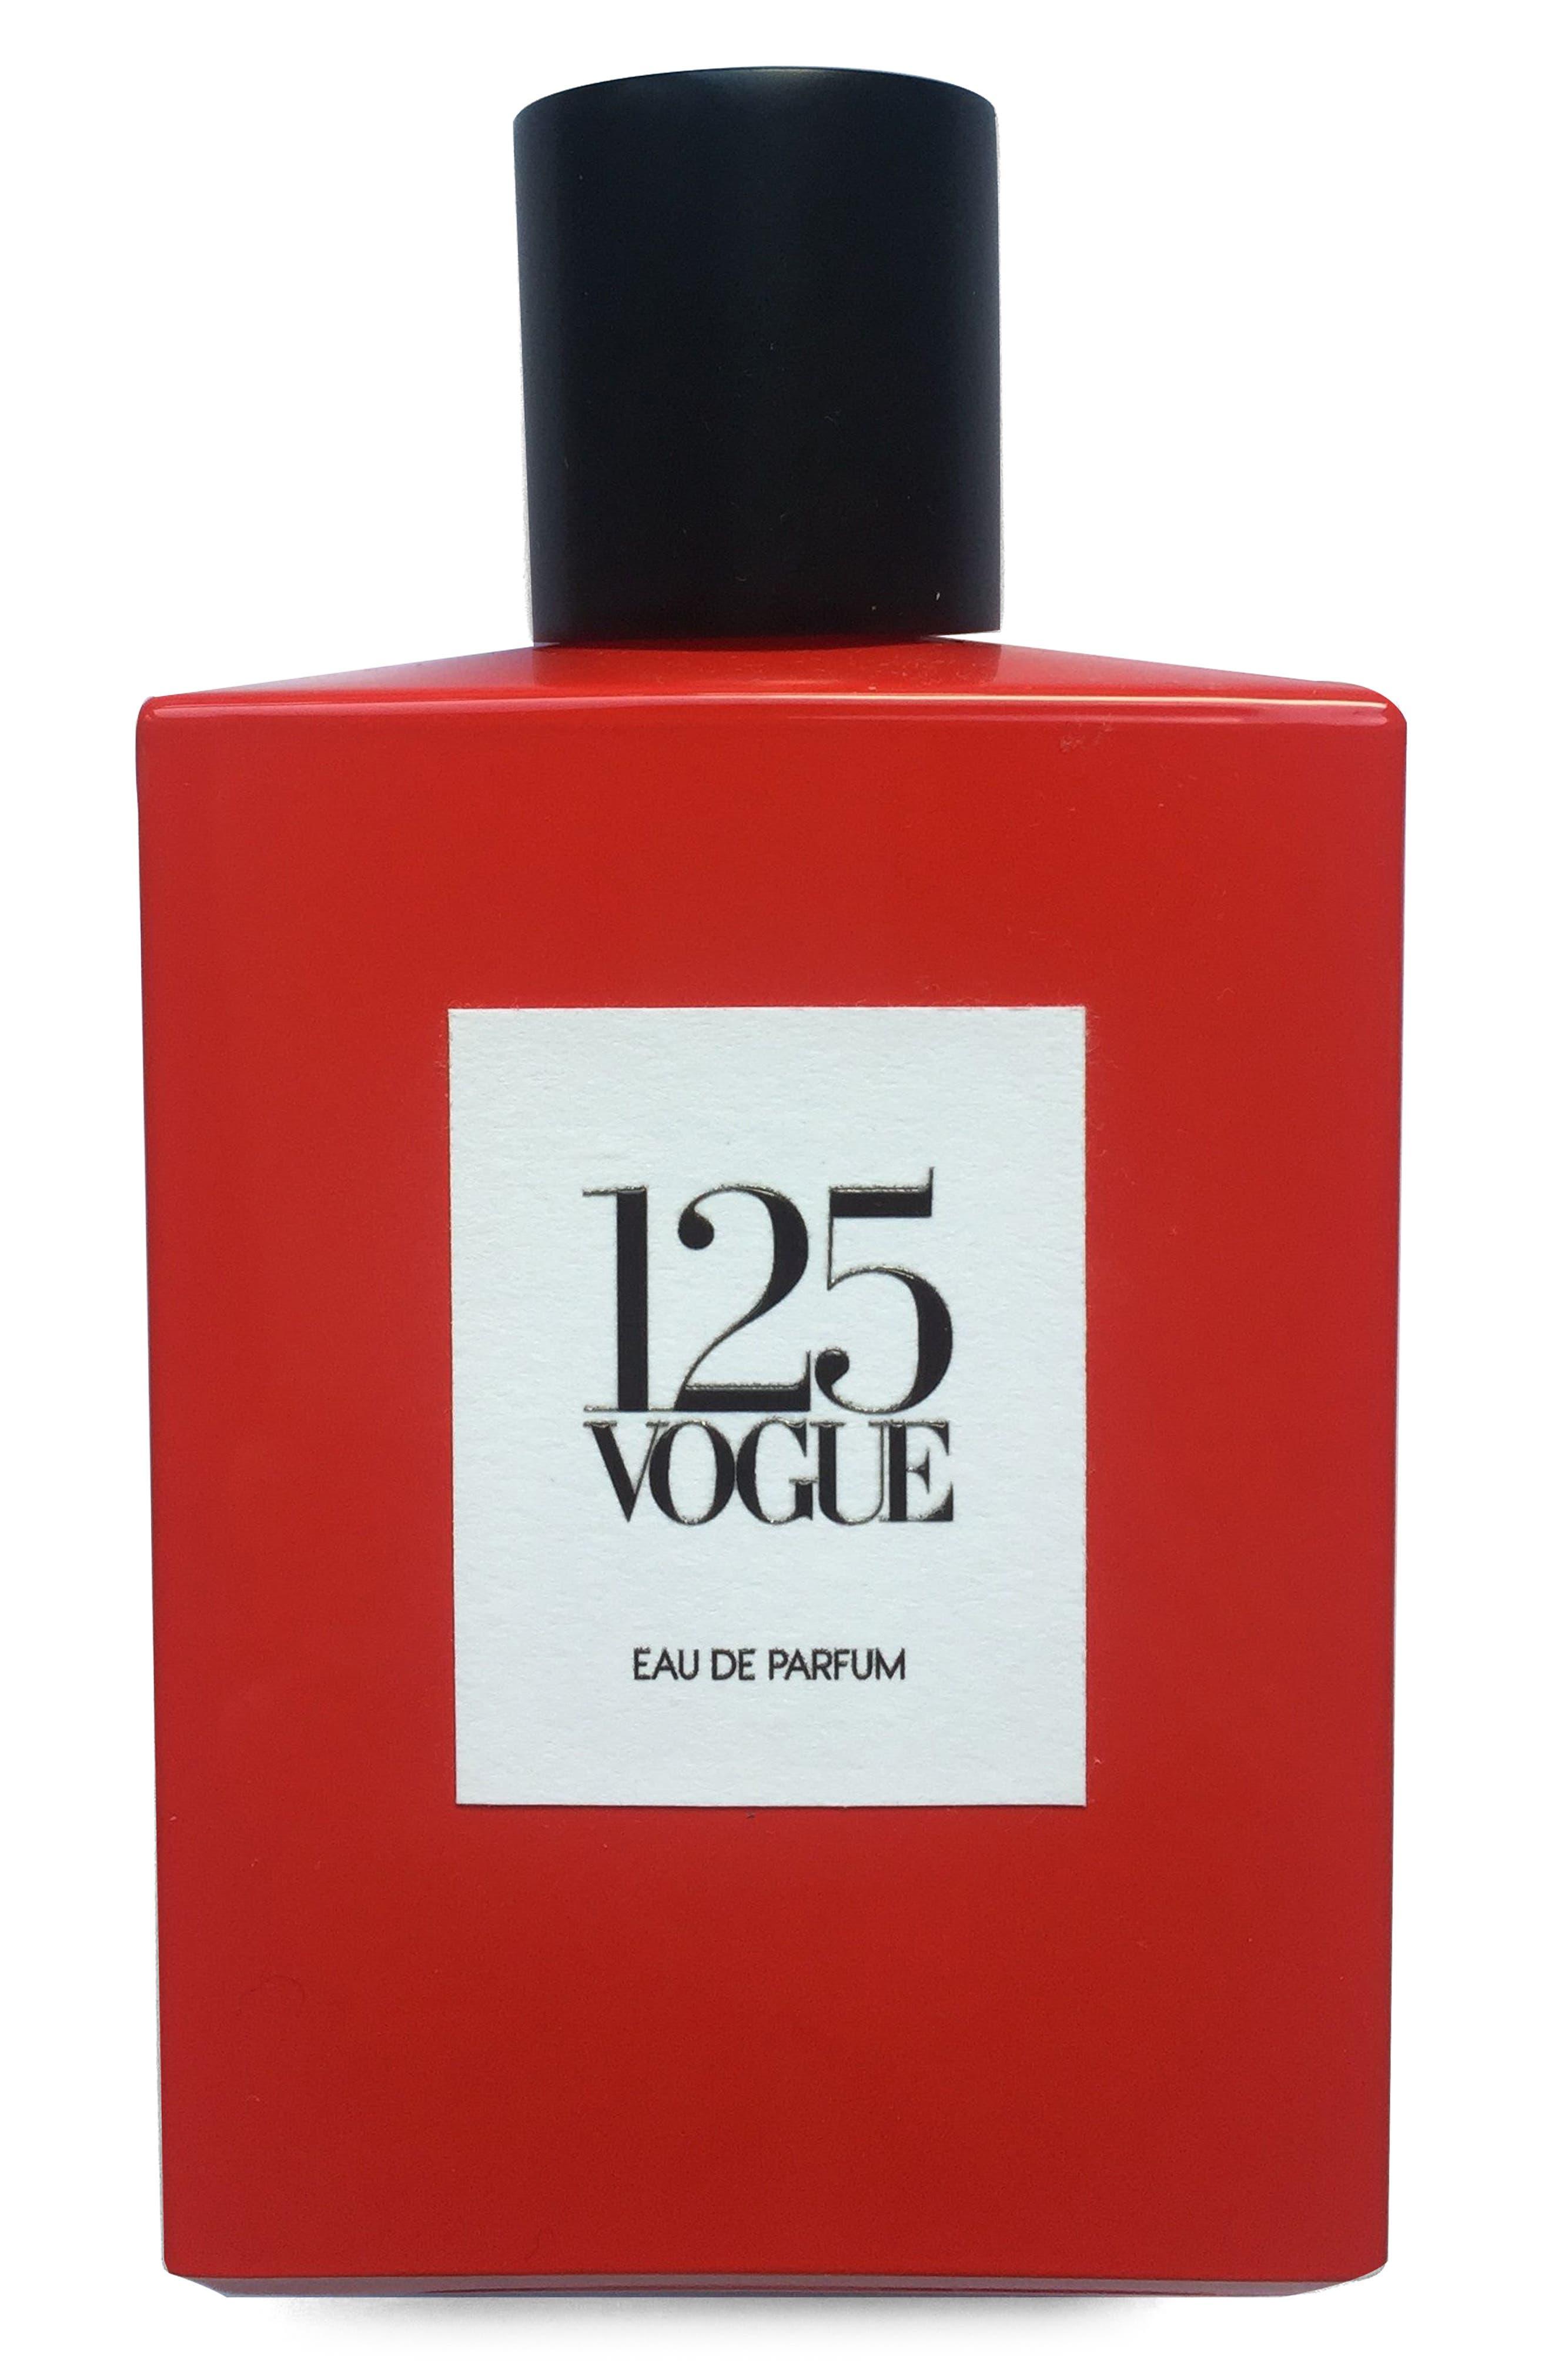 125 Vogue Eau de Parfum,                             Main thumbnail 1, color,                             RED